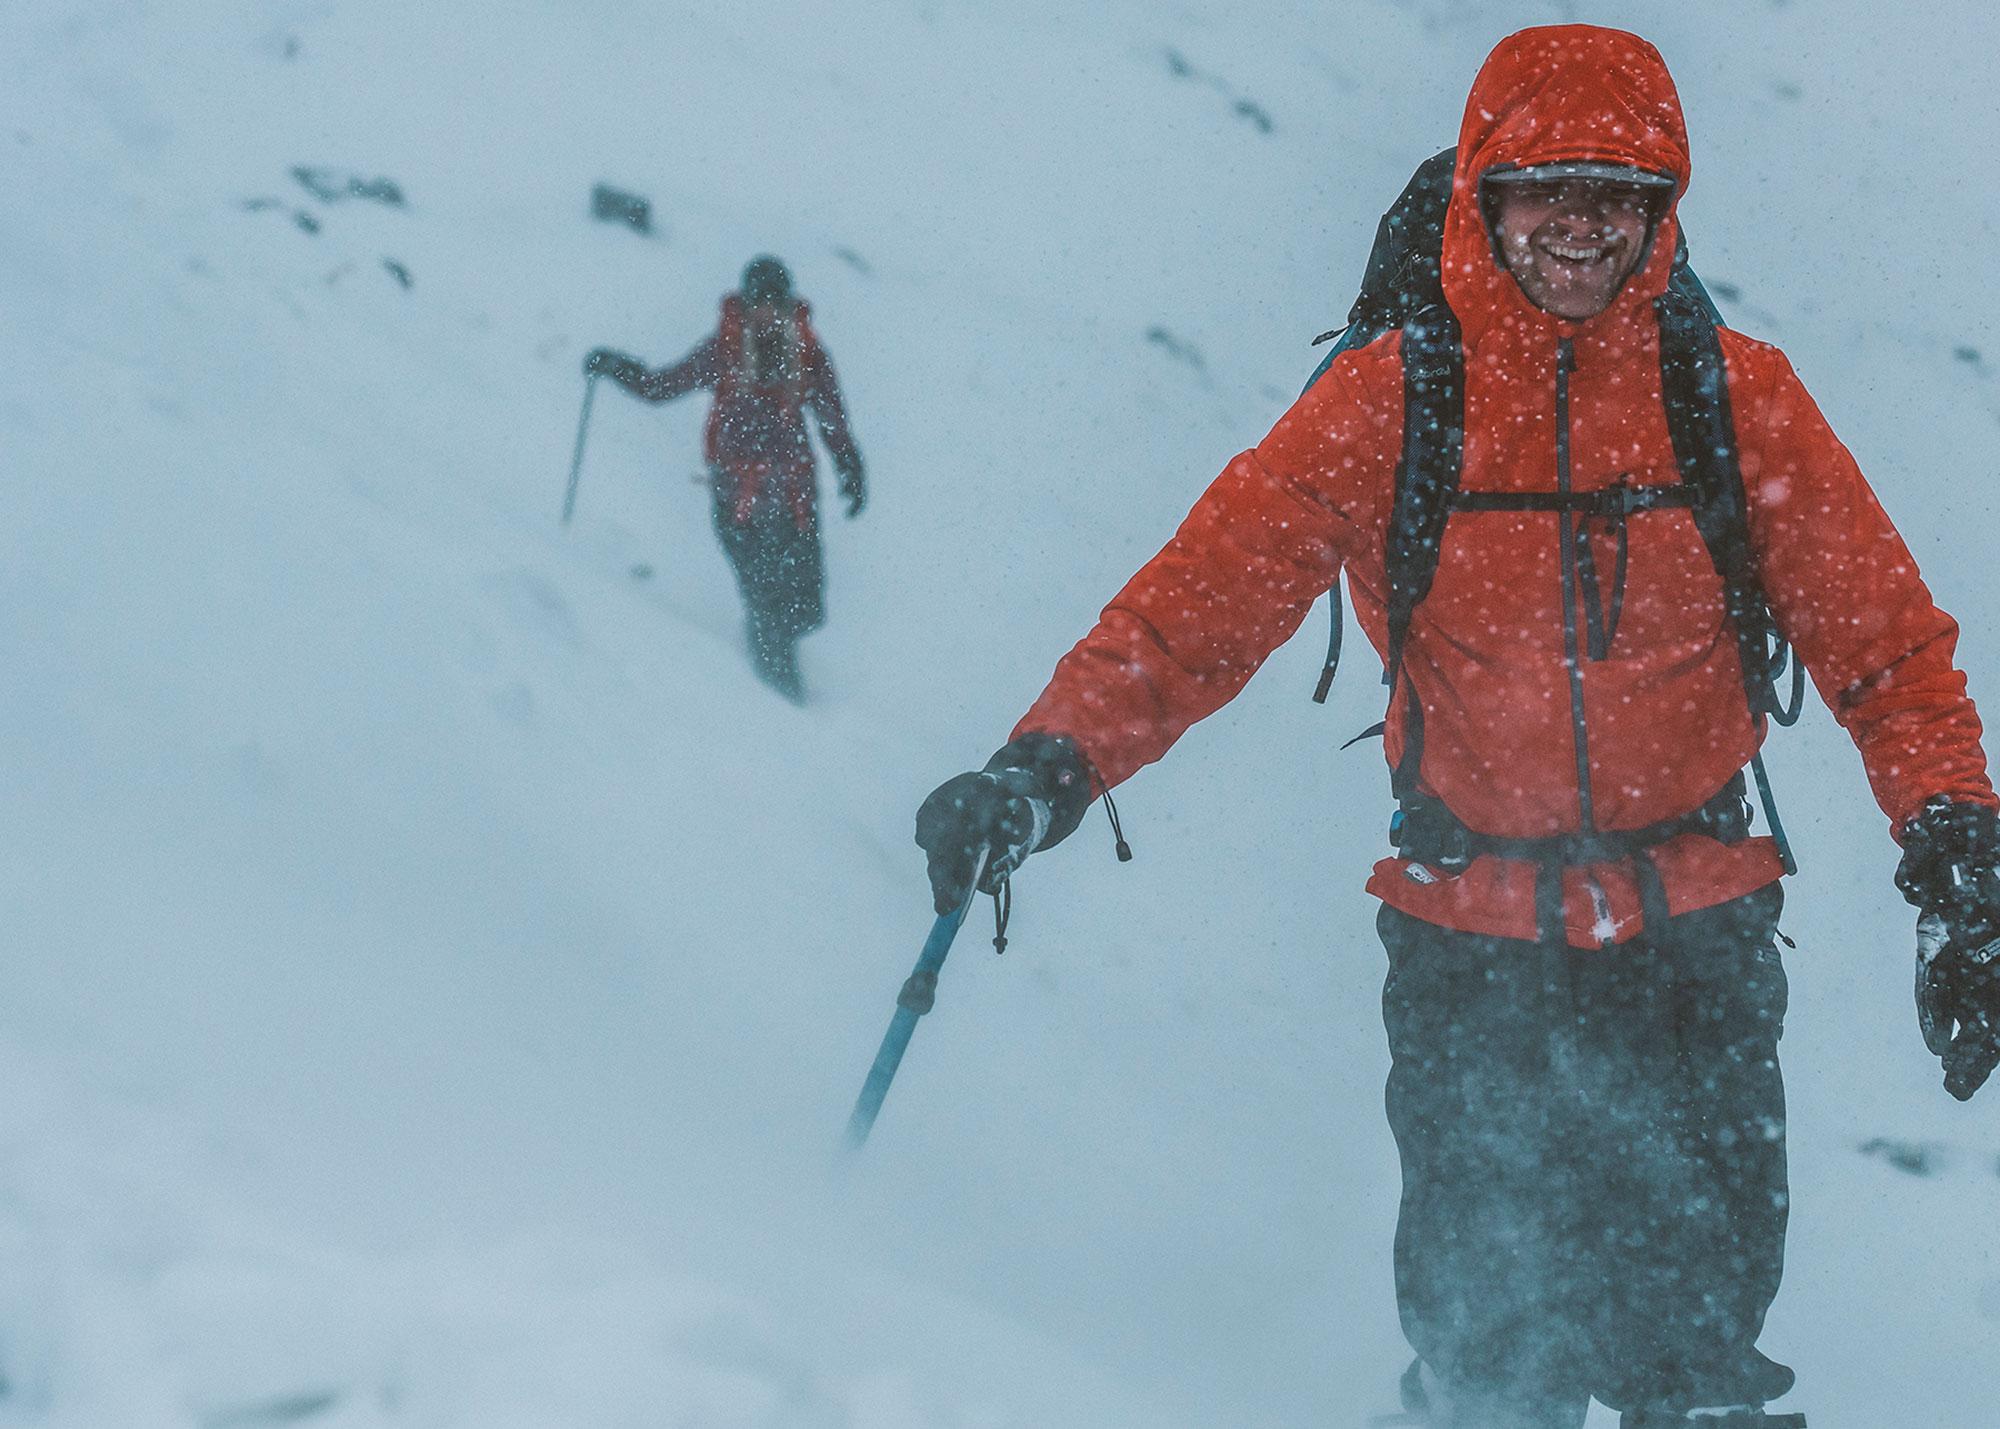 W17_Mountaineering_AlpineAscender_M_PrimaPack_W_Kemple---EMS---F17---2970-copy